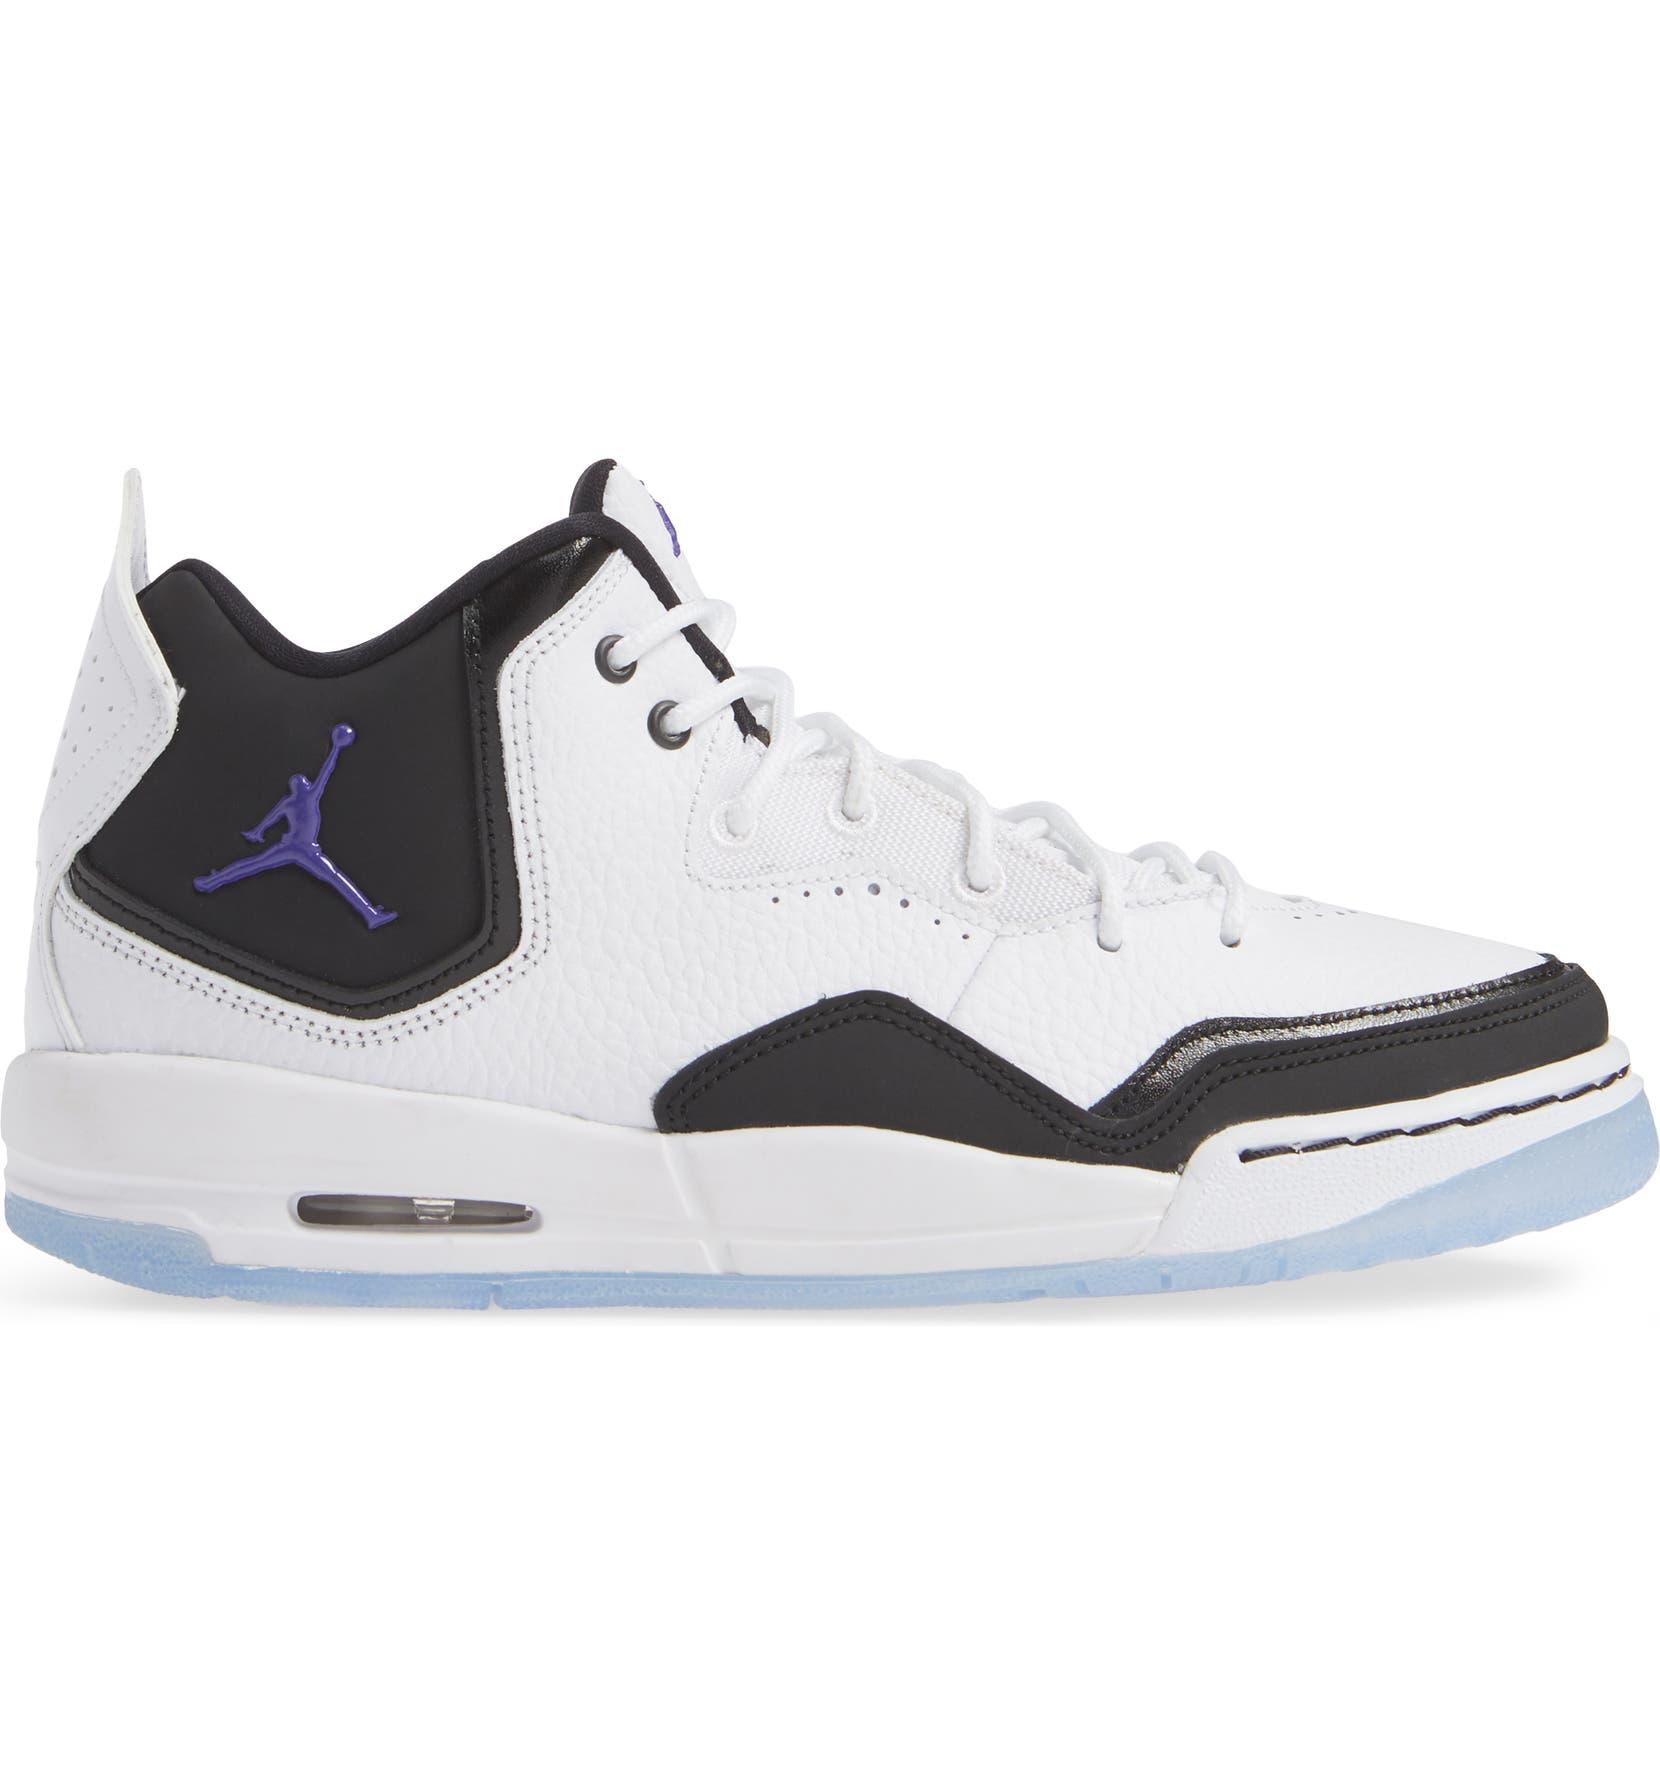 premium selection e9c89 e35ce Nike Air Jordan Courtside 23 Sneaker (Baby, Walker, Toddler, Little Kid    Big Kid)   Nordstrom